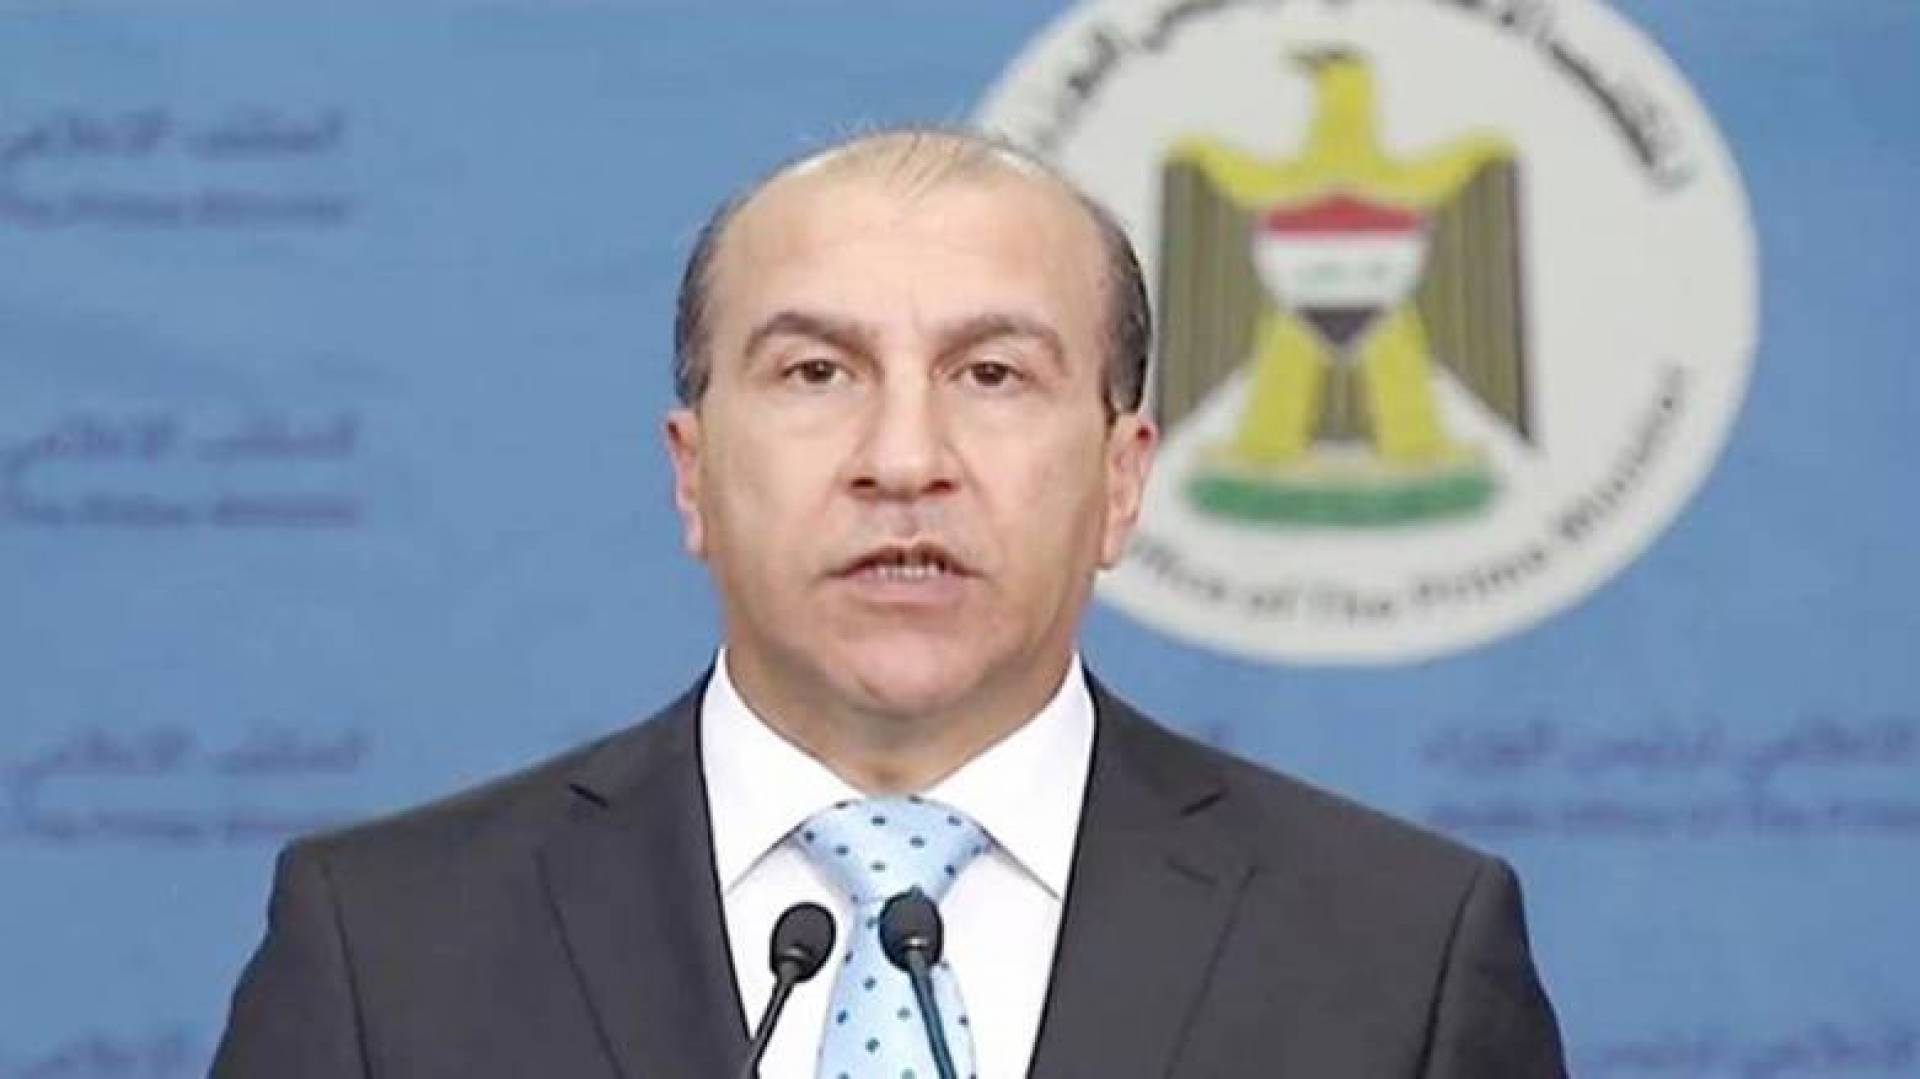 المتحدث باسم الحكومة العراقية علي الحديثي